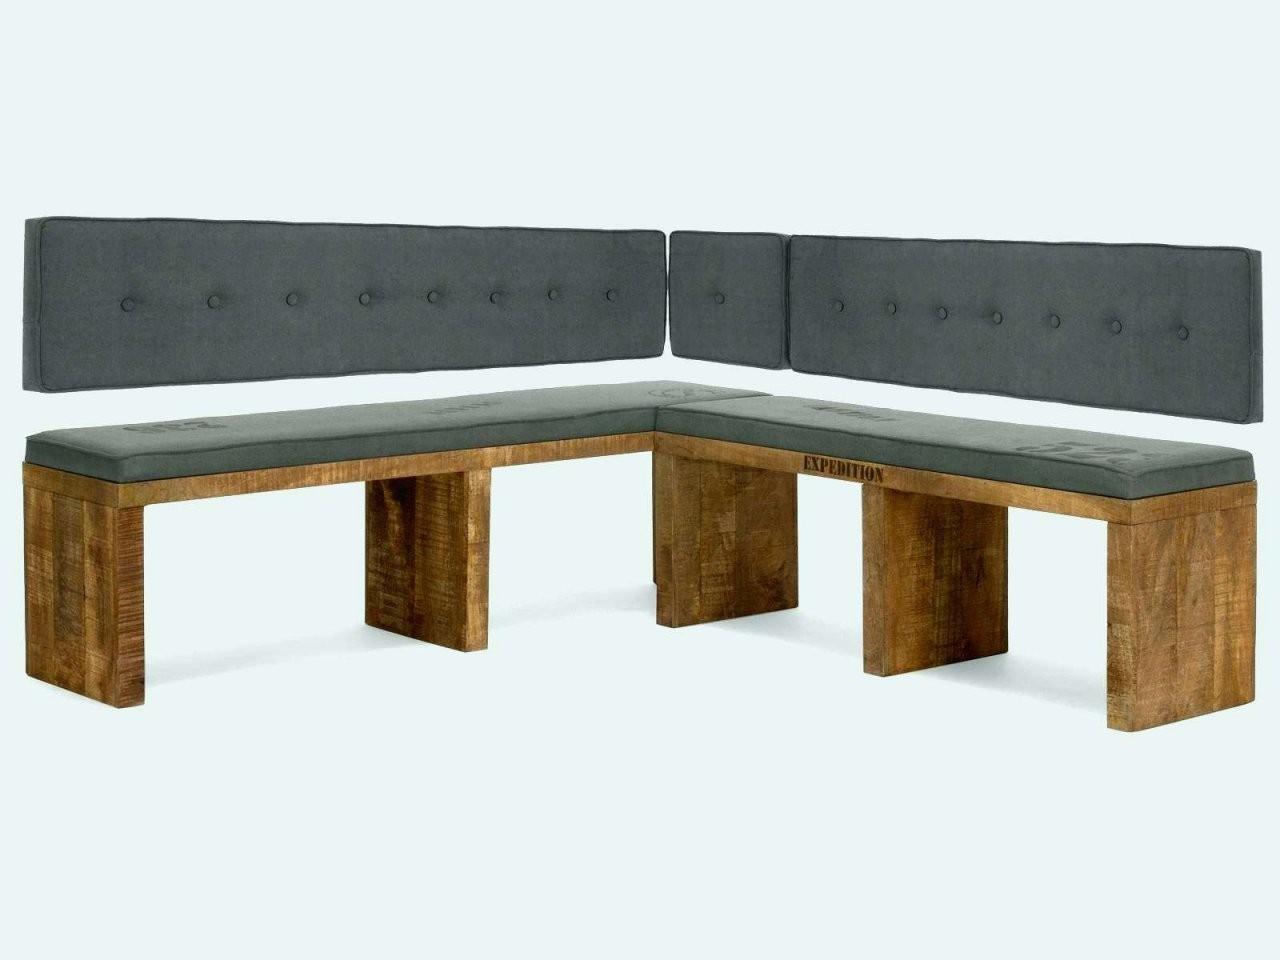 Tisch Bank Kombination With Tisch Bank Kombination Kombination von Tisch Bank Kombination Bauanleitung Photo